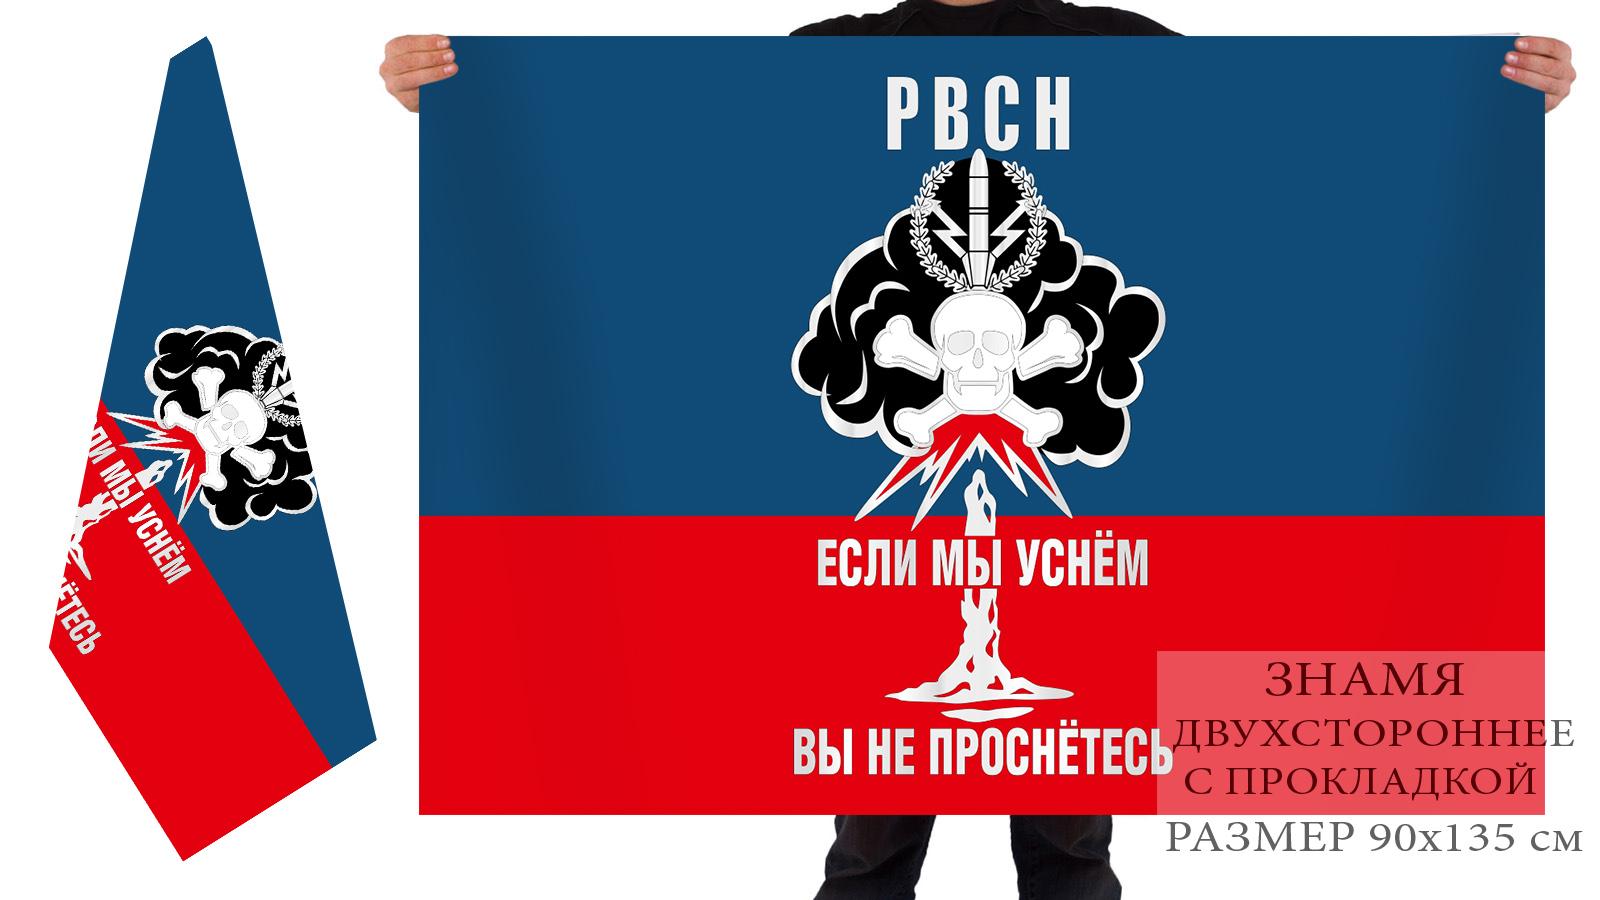 Купить в Москве двухсторонний флаг РВСН – если мы уснем, вы не проснетесь